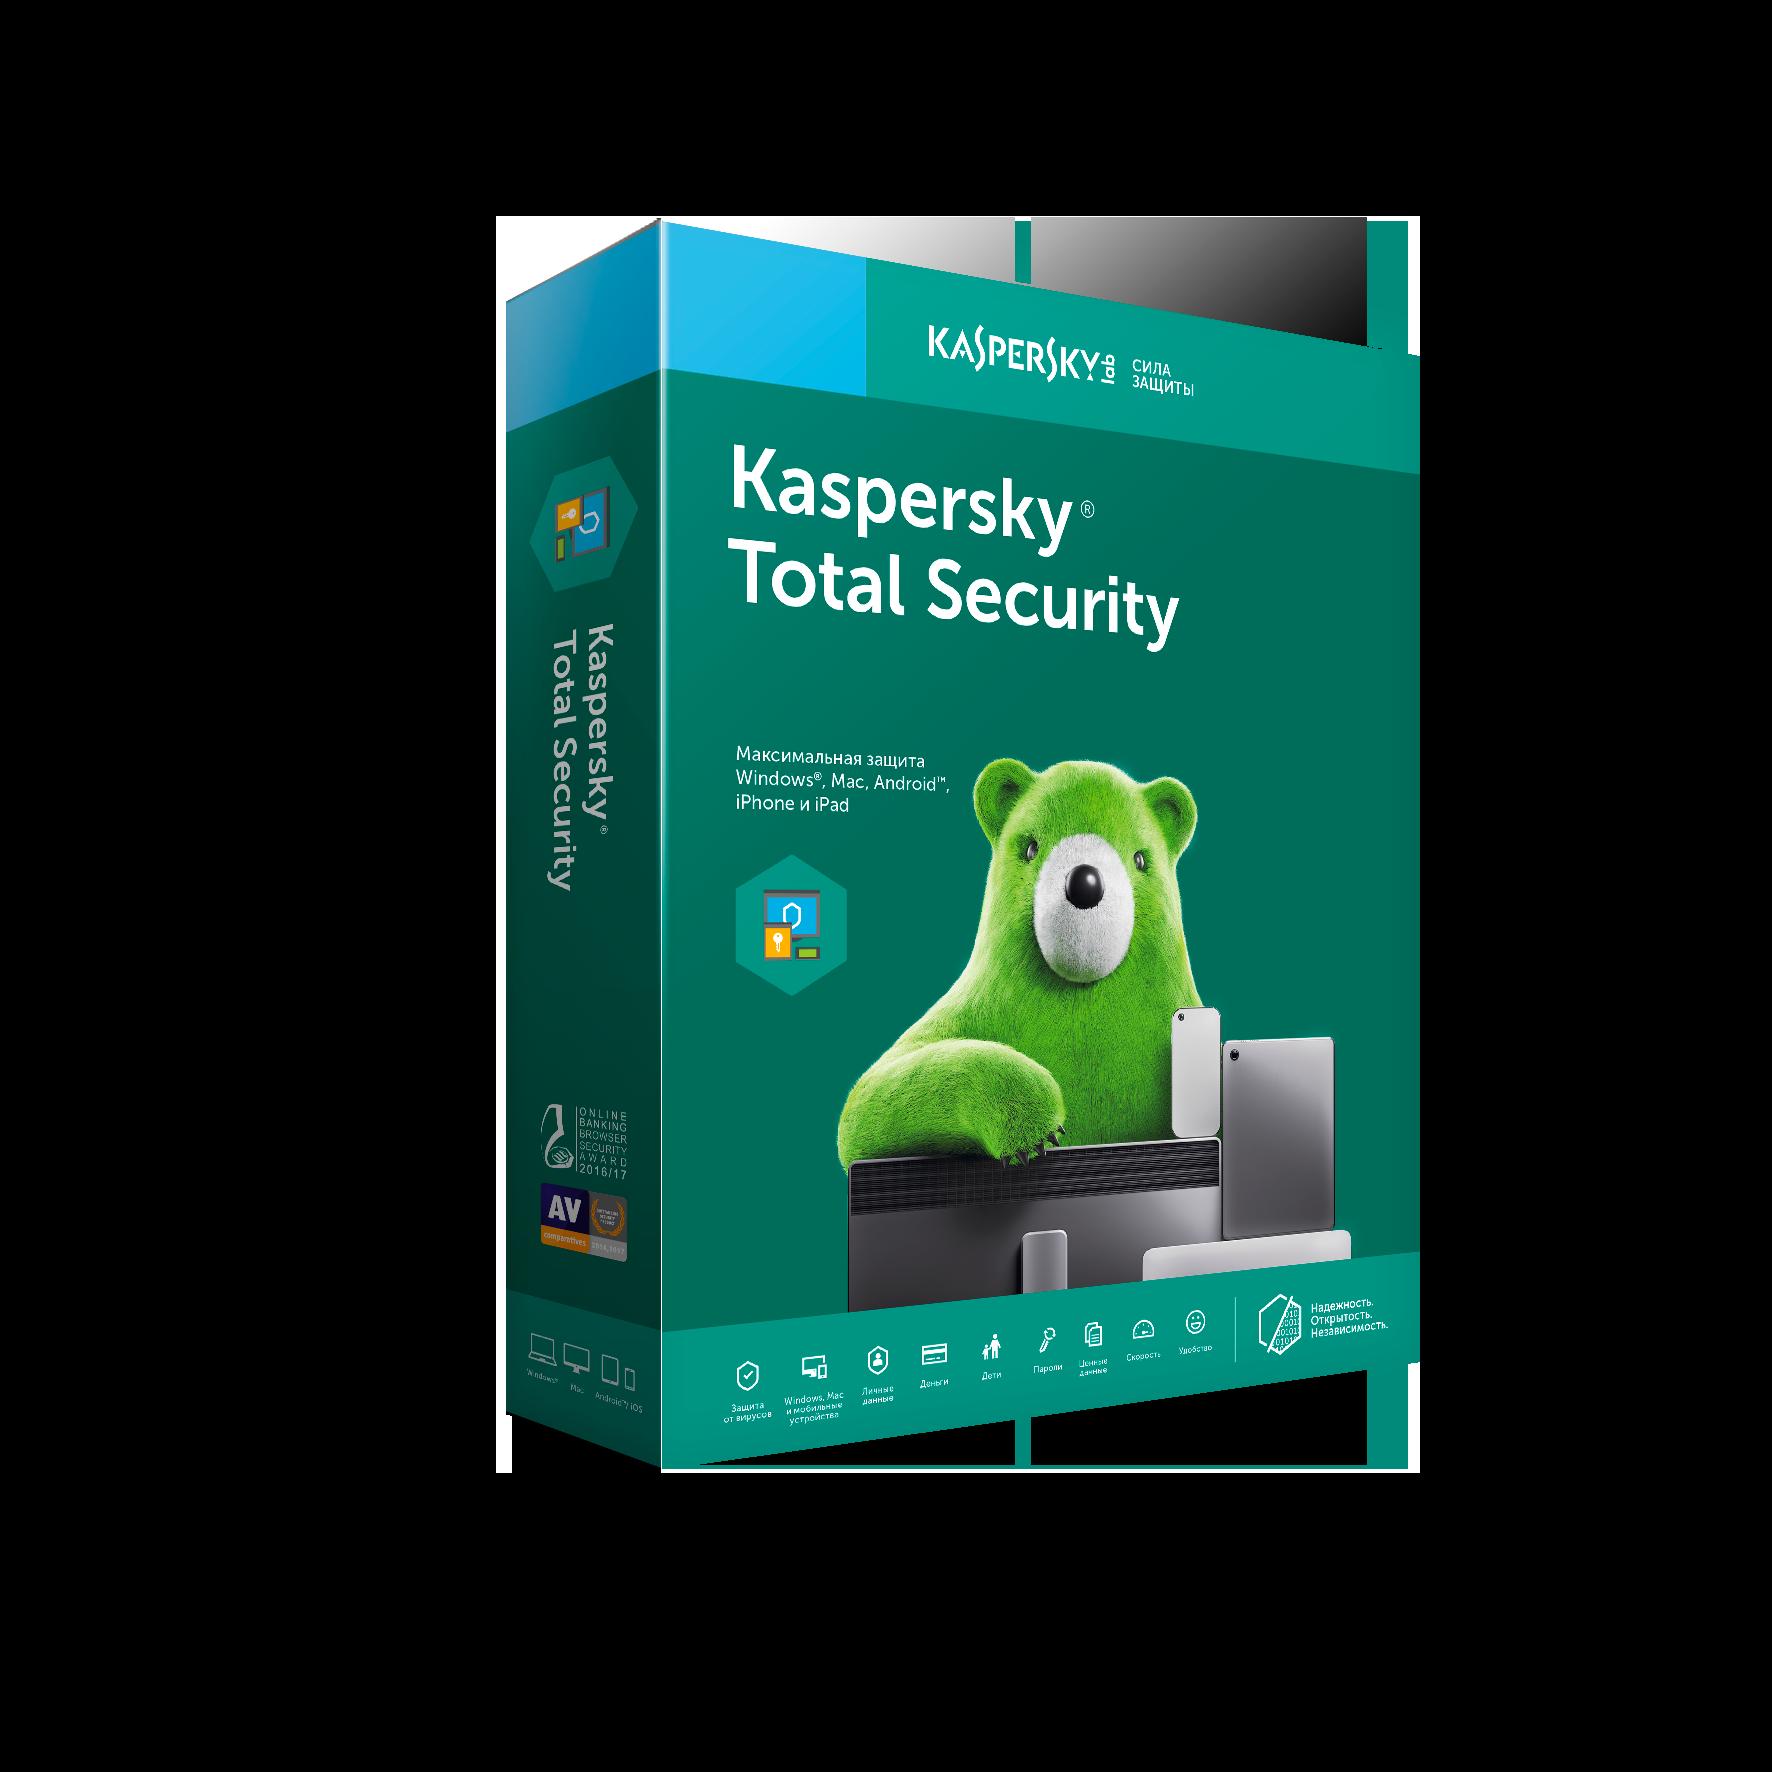 Купить Kaspersky Total Security на 2 устройства на 1 год RU